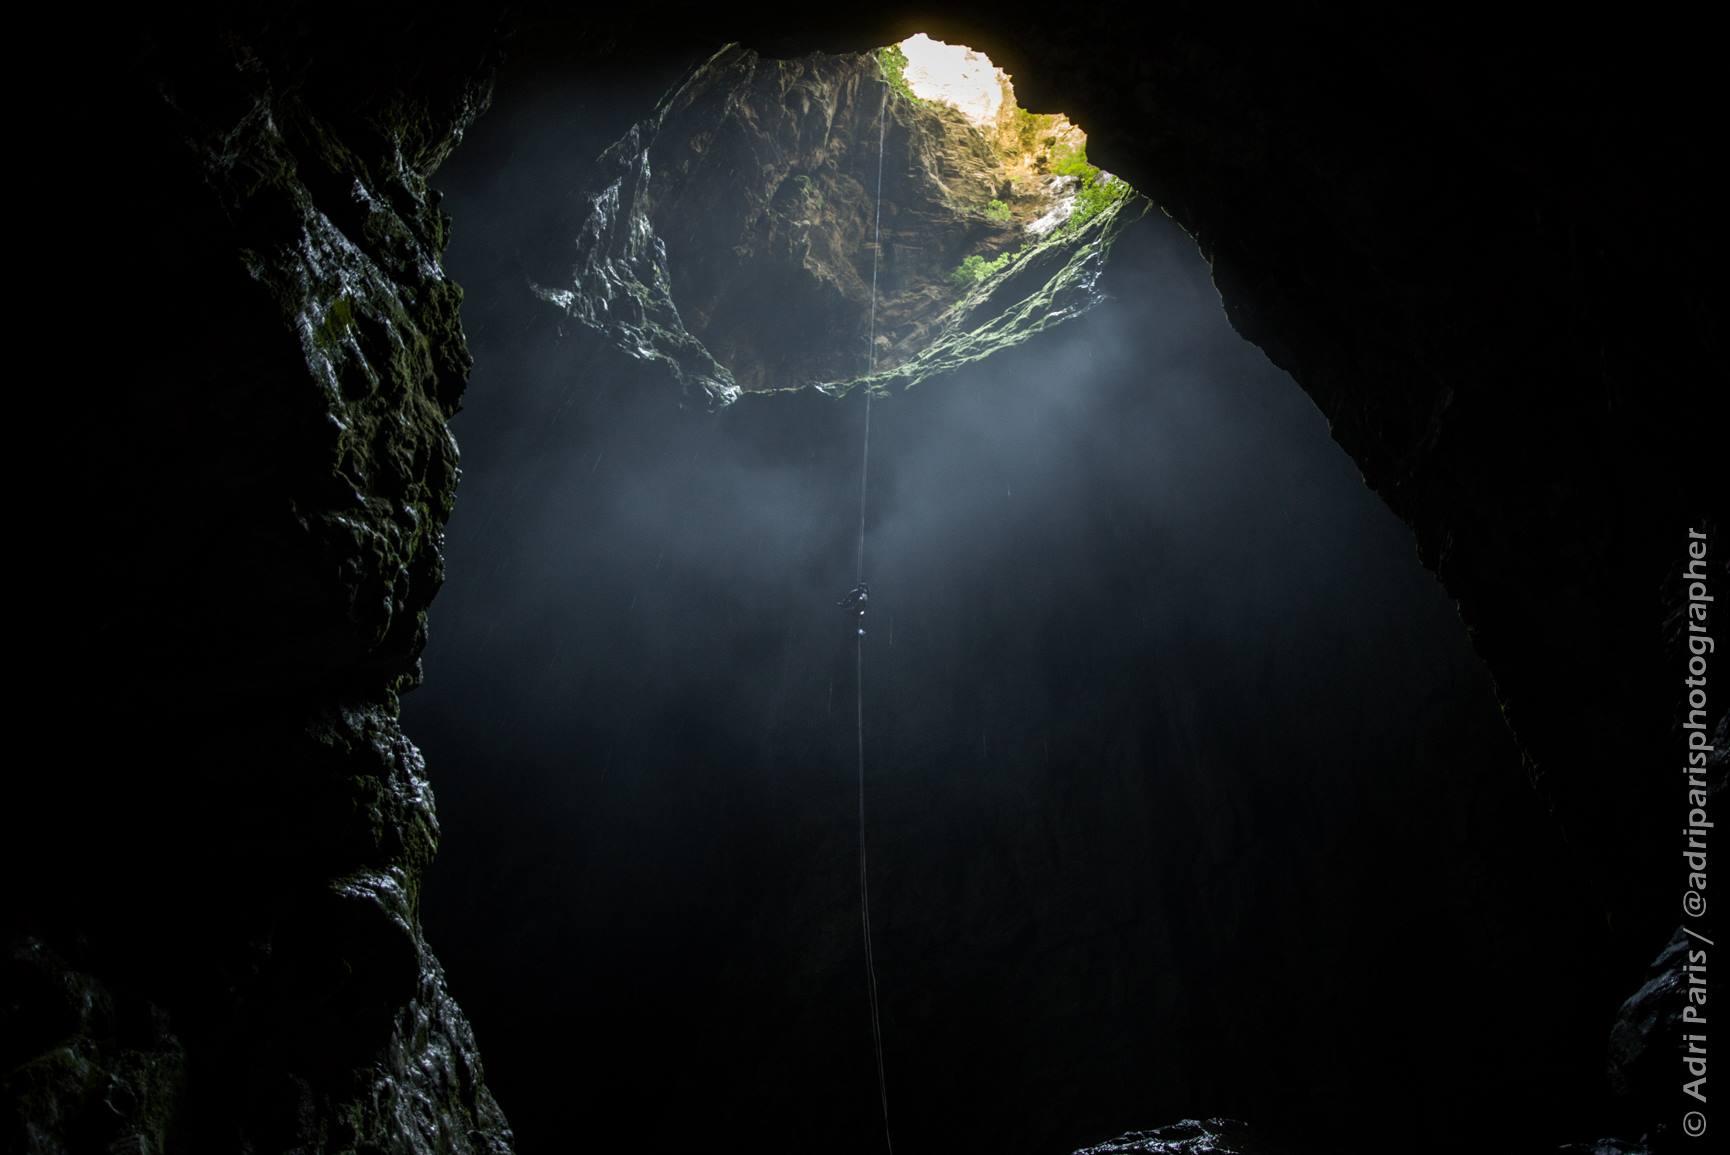 Harwoods Hole - Abel Tasman